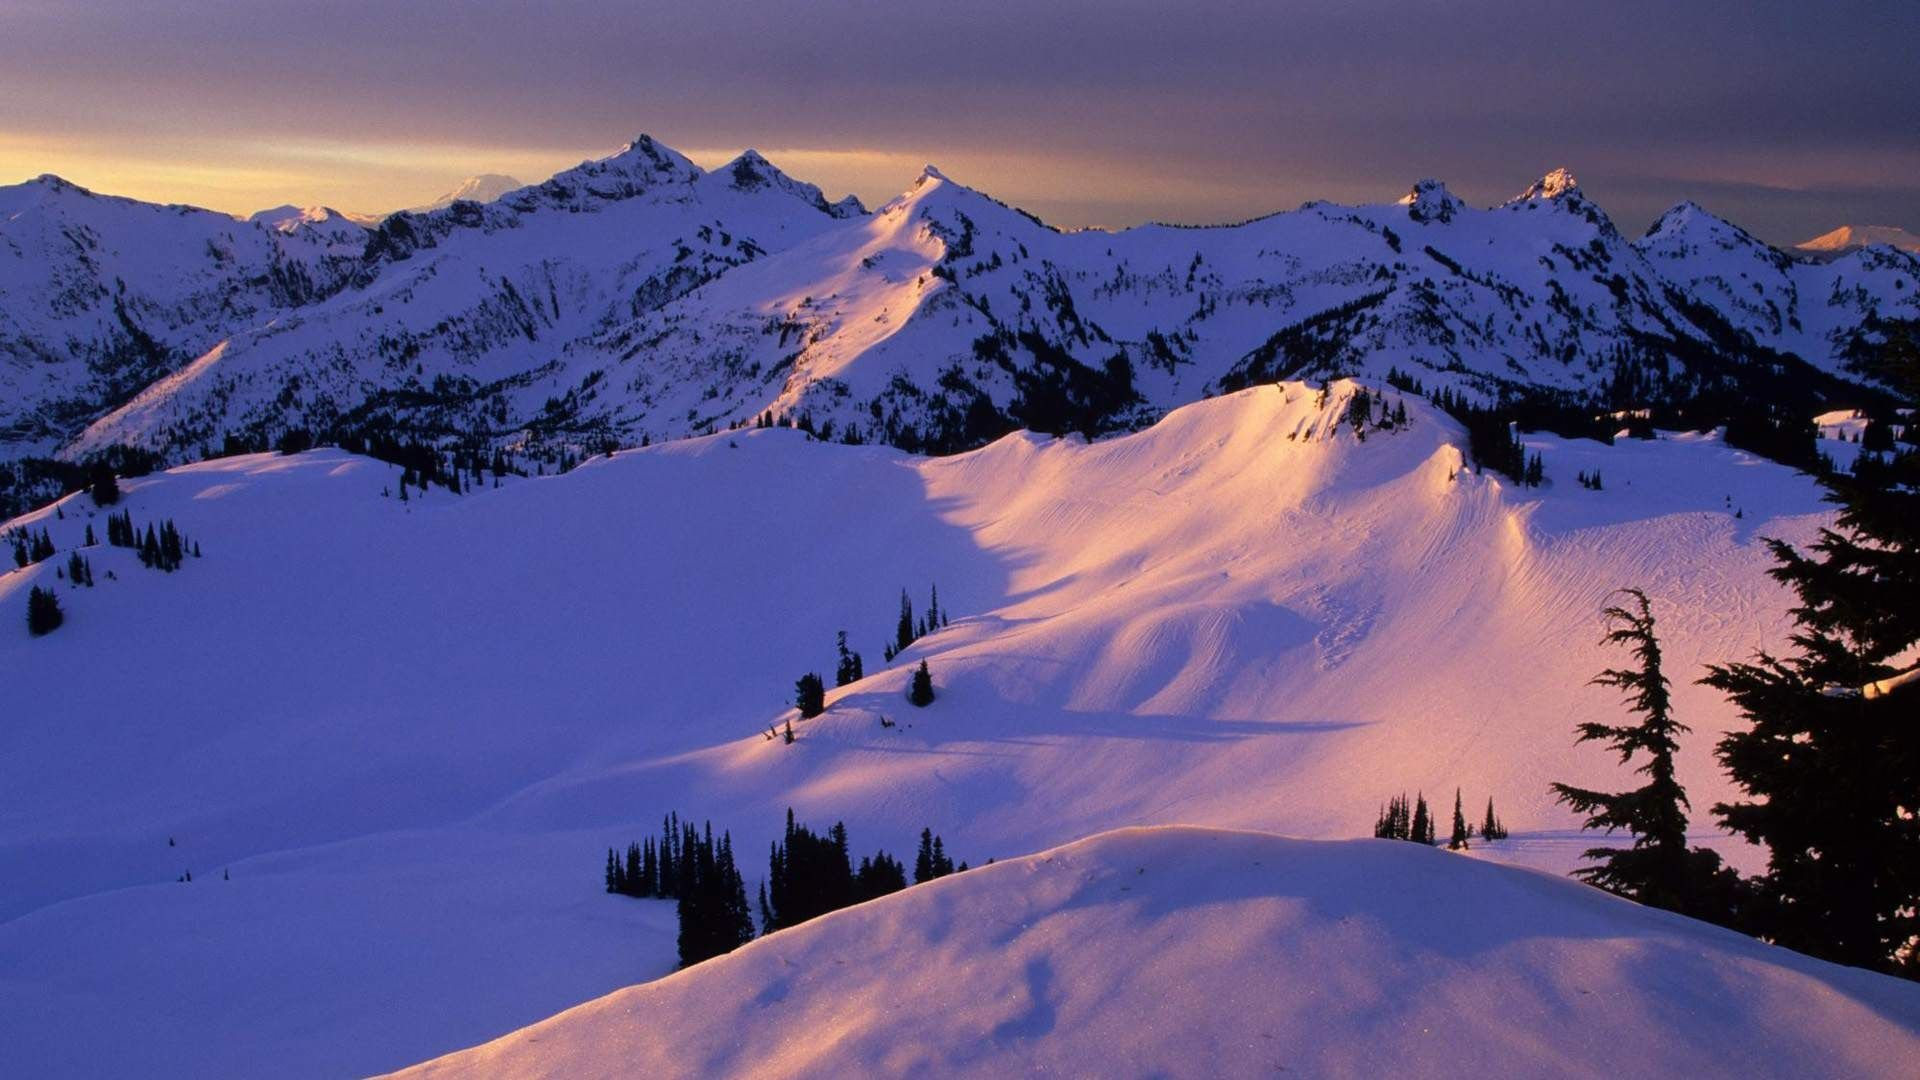 Desktop Free Snowy Mountain Winter Backgrounds Ololoshenka